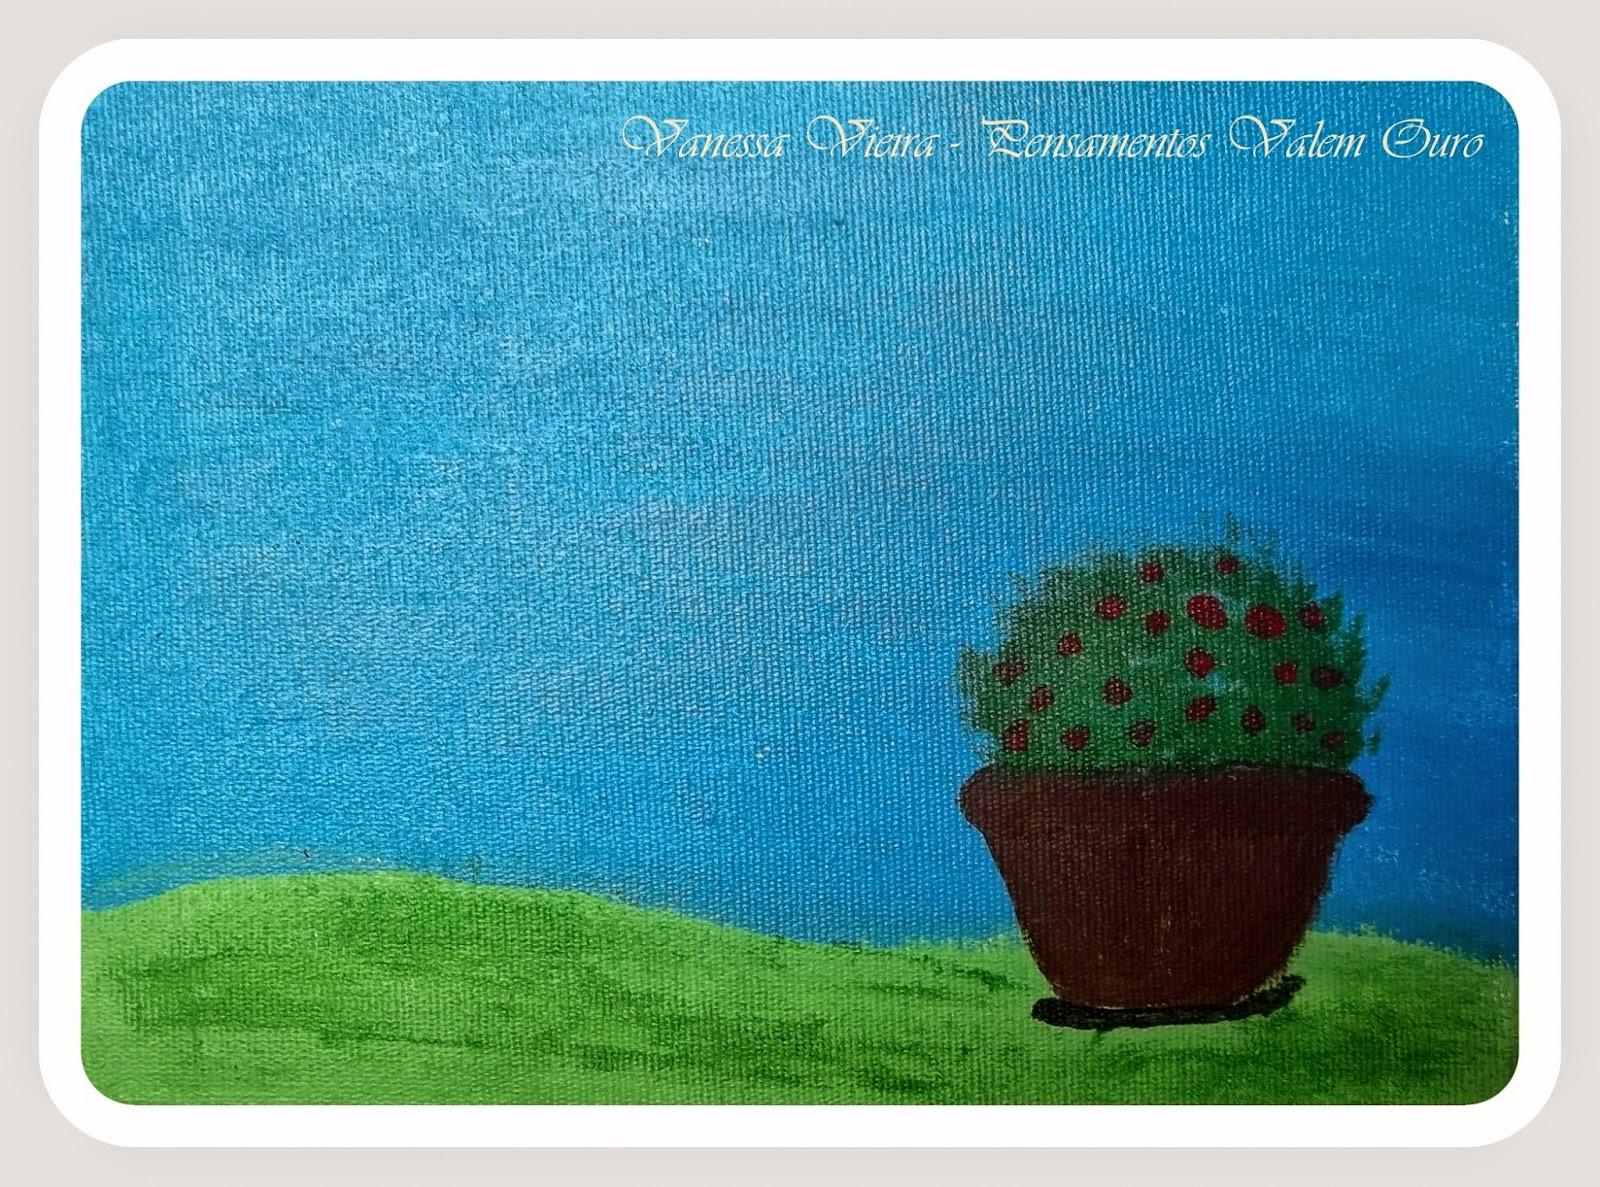 Vaso, grama, pintura, Vanessa Vieira, pensamentos